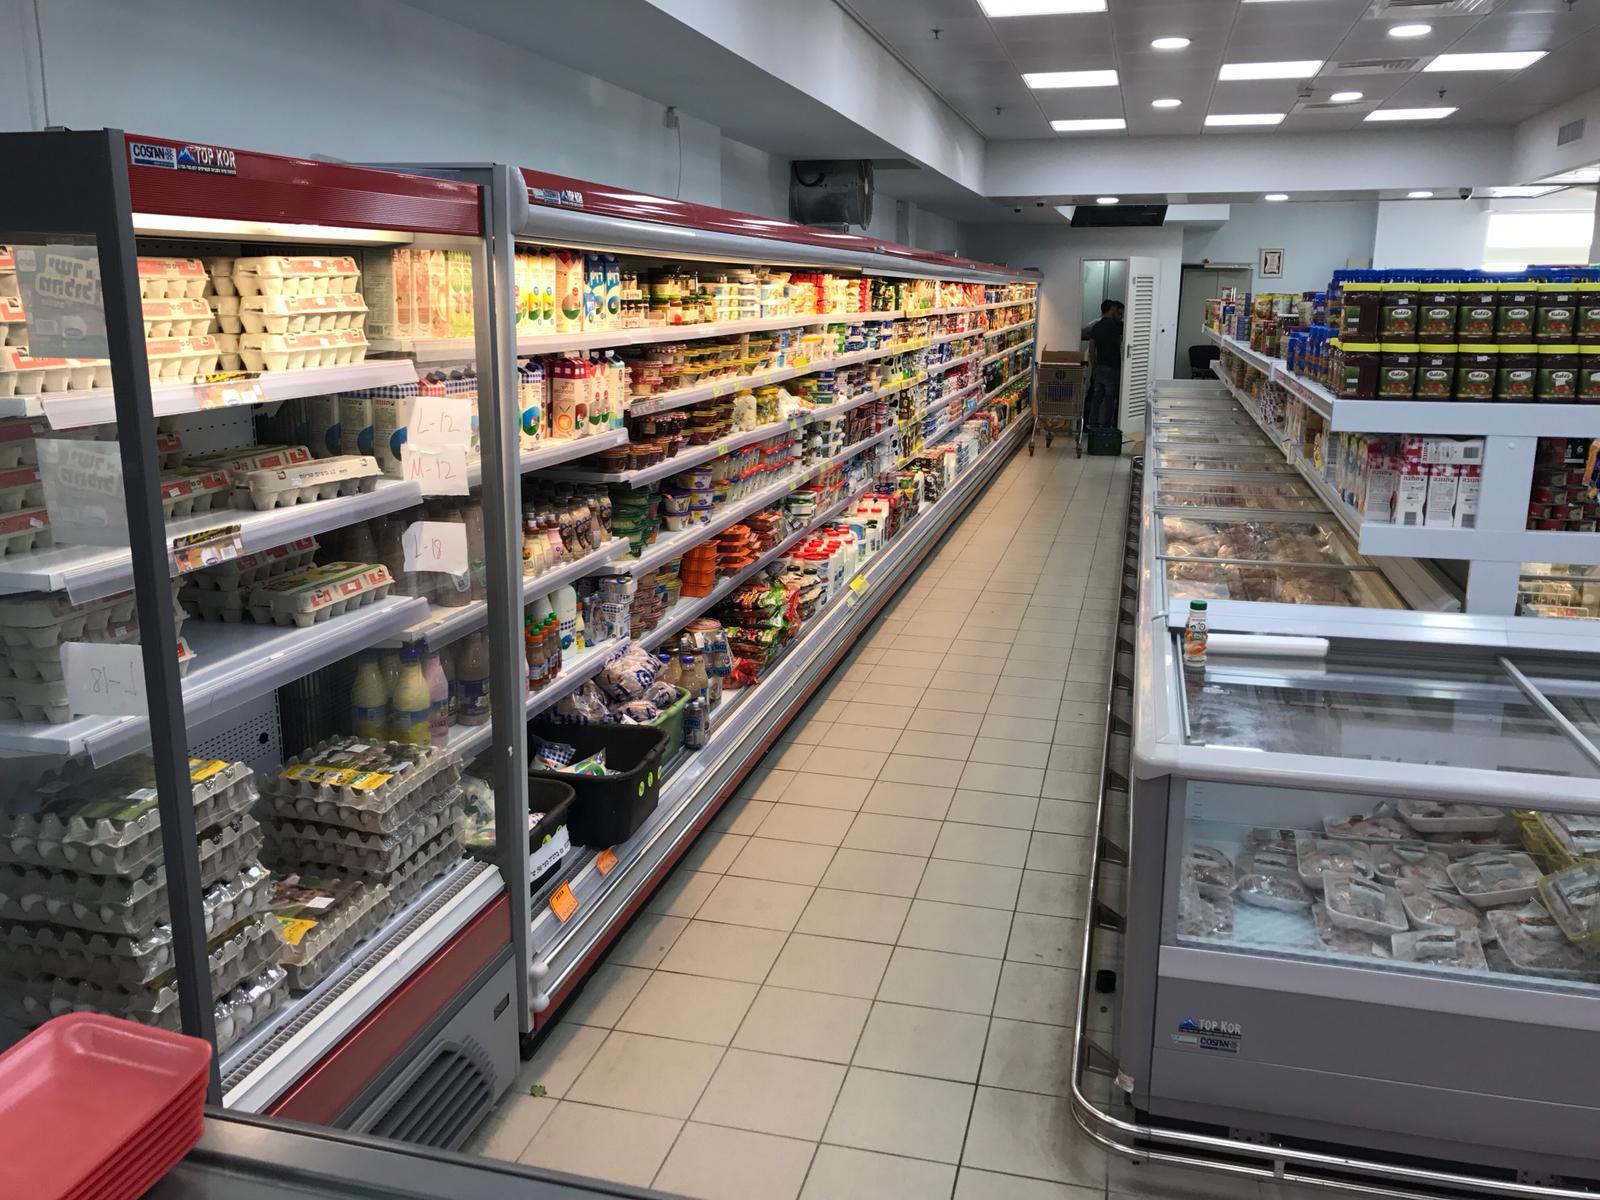 פרויקט מרכז המזון אלואחה (18)